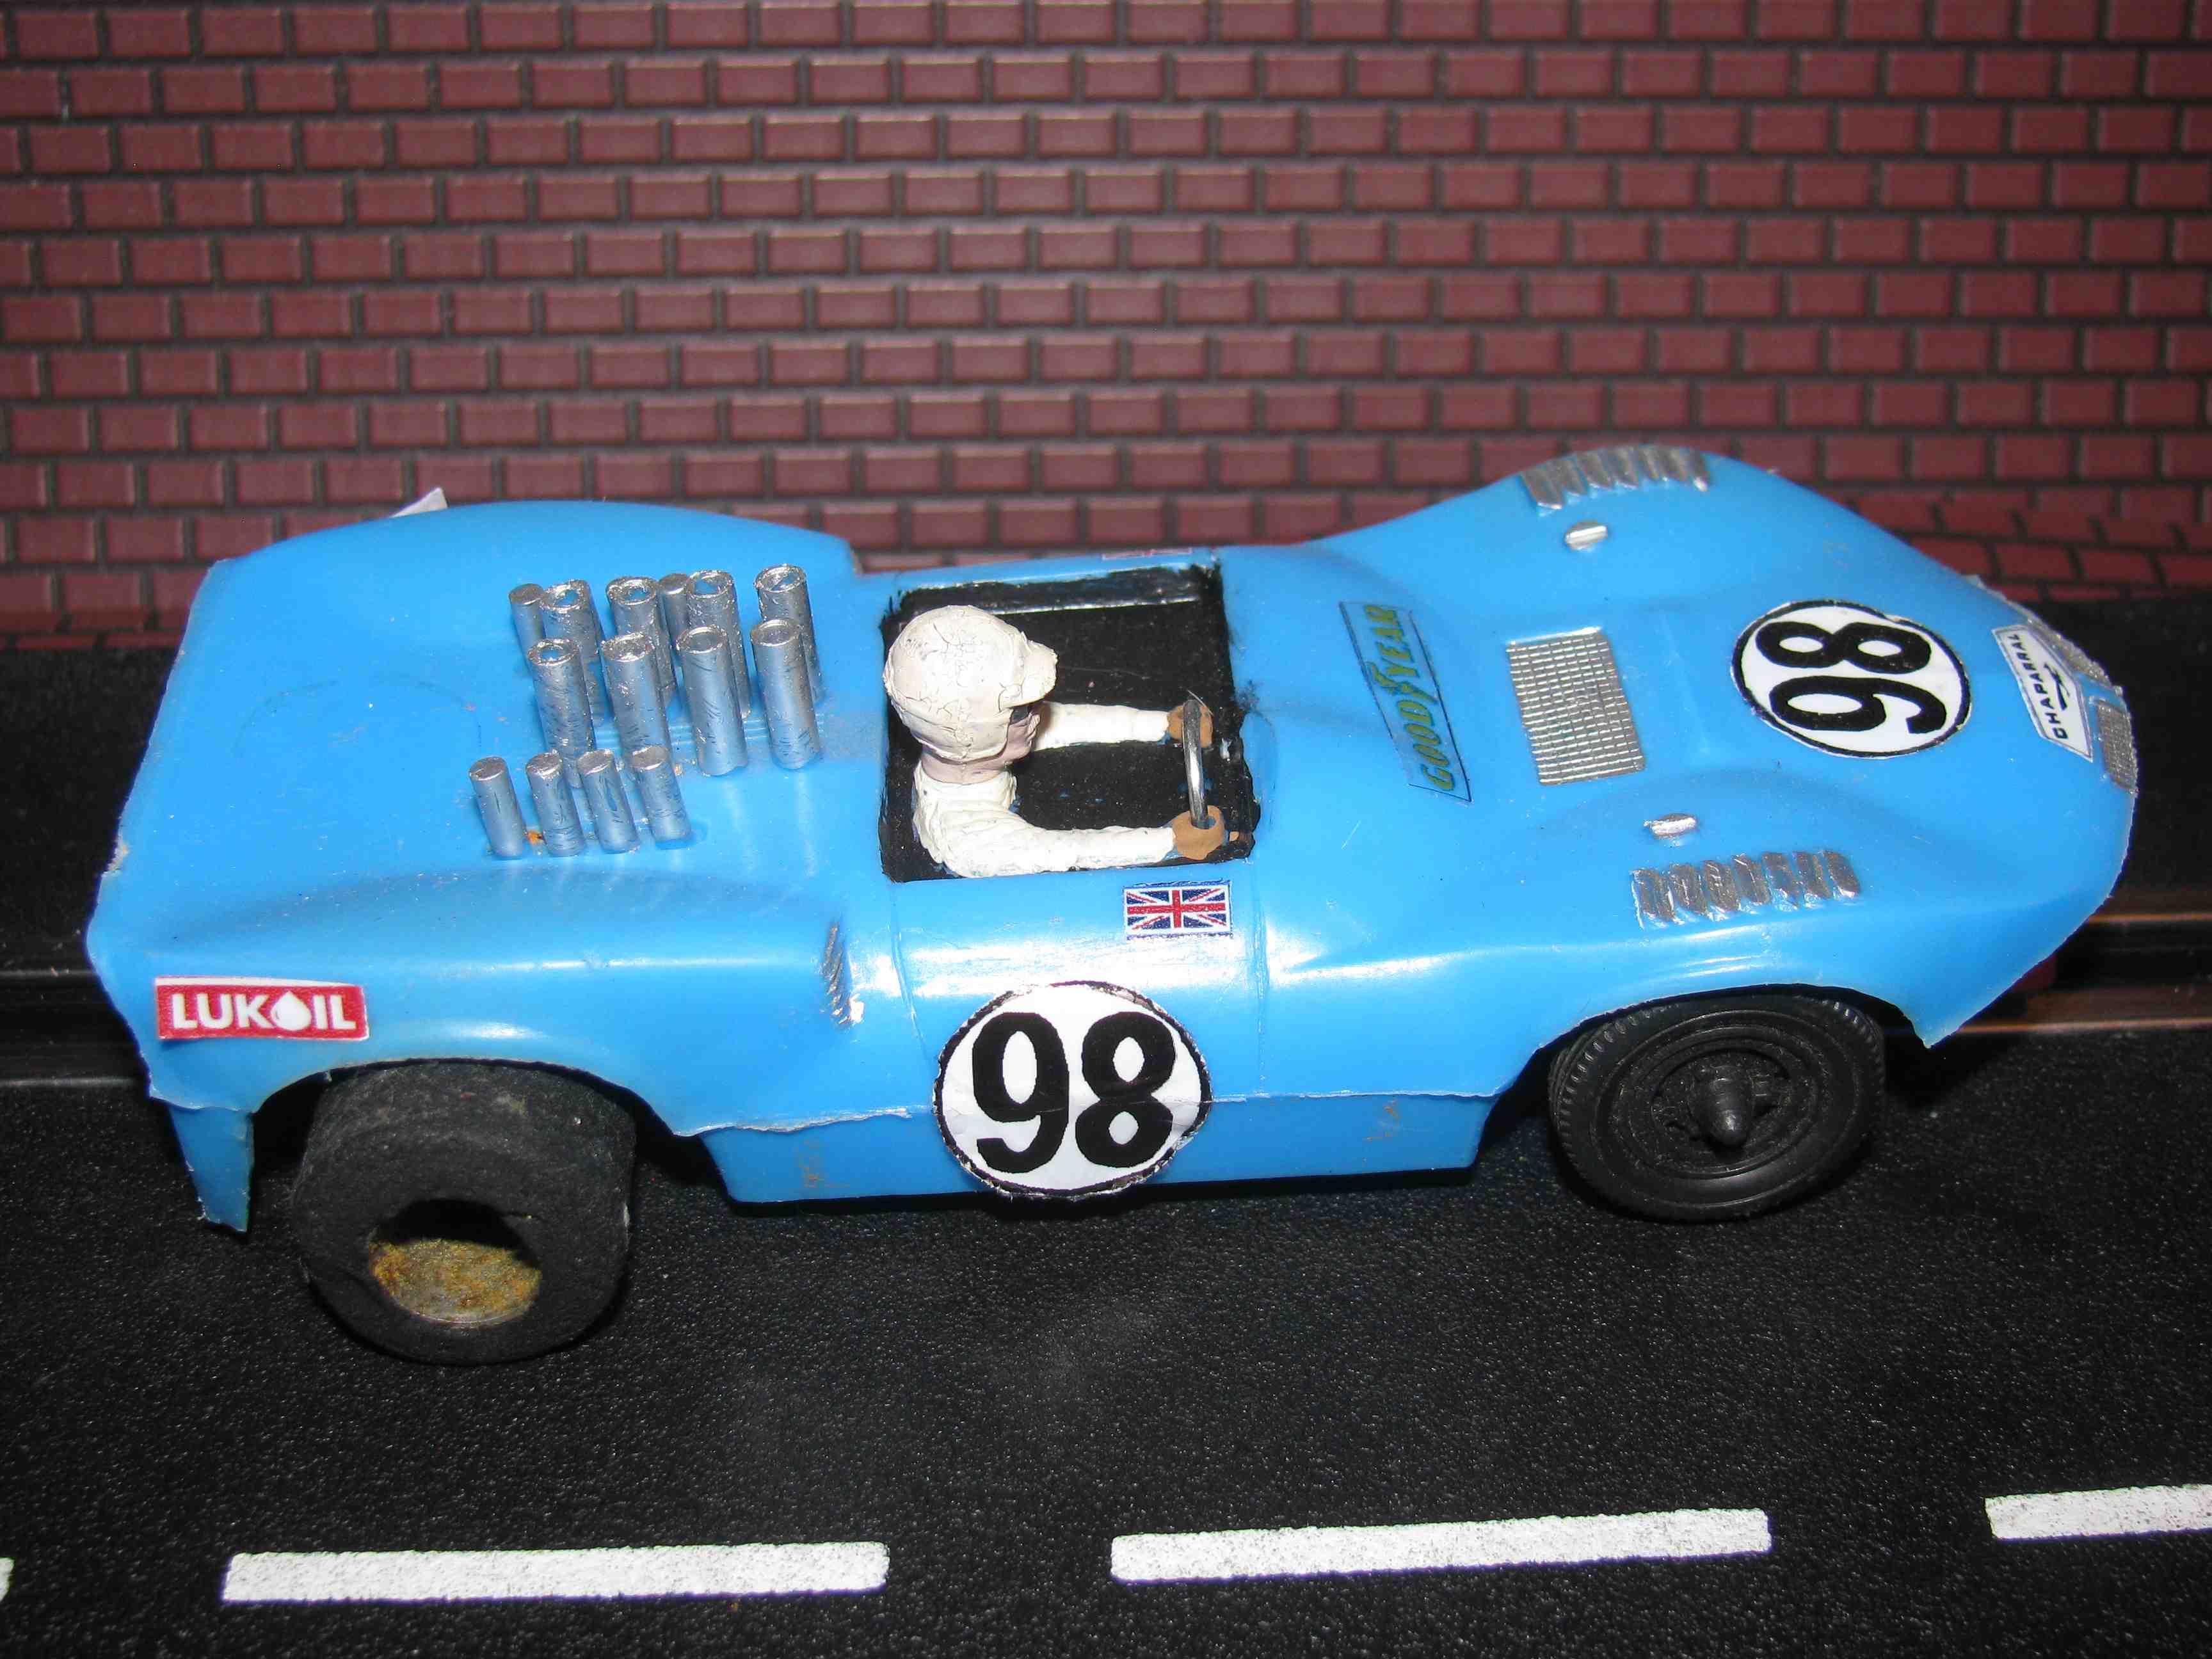 Eldon Chaparral Slot Car Blue Body - Car#98 – 1/32 Scale